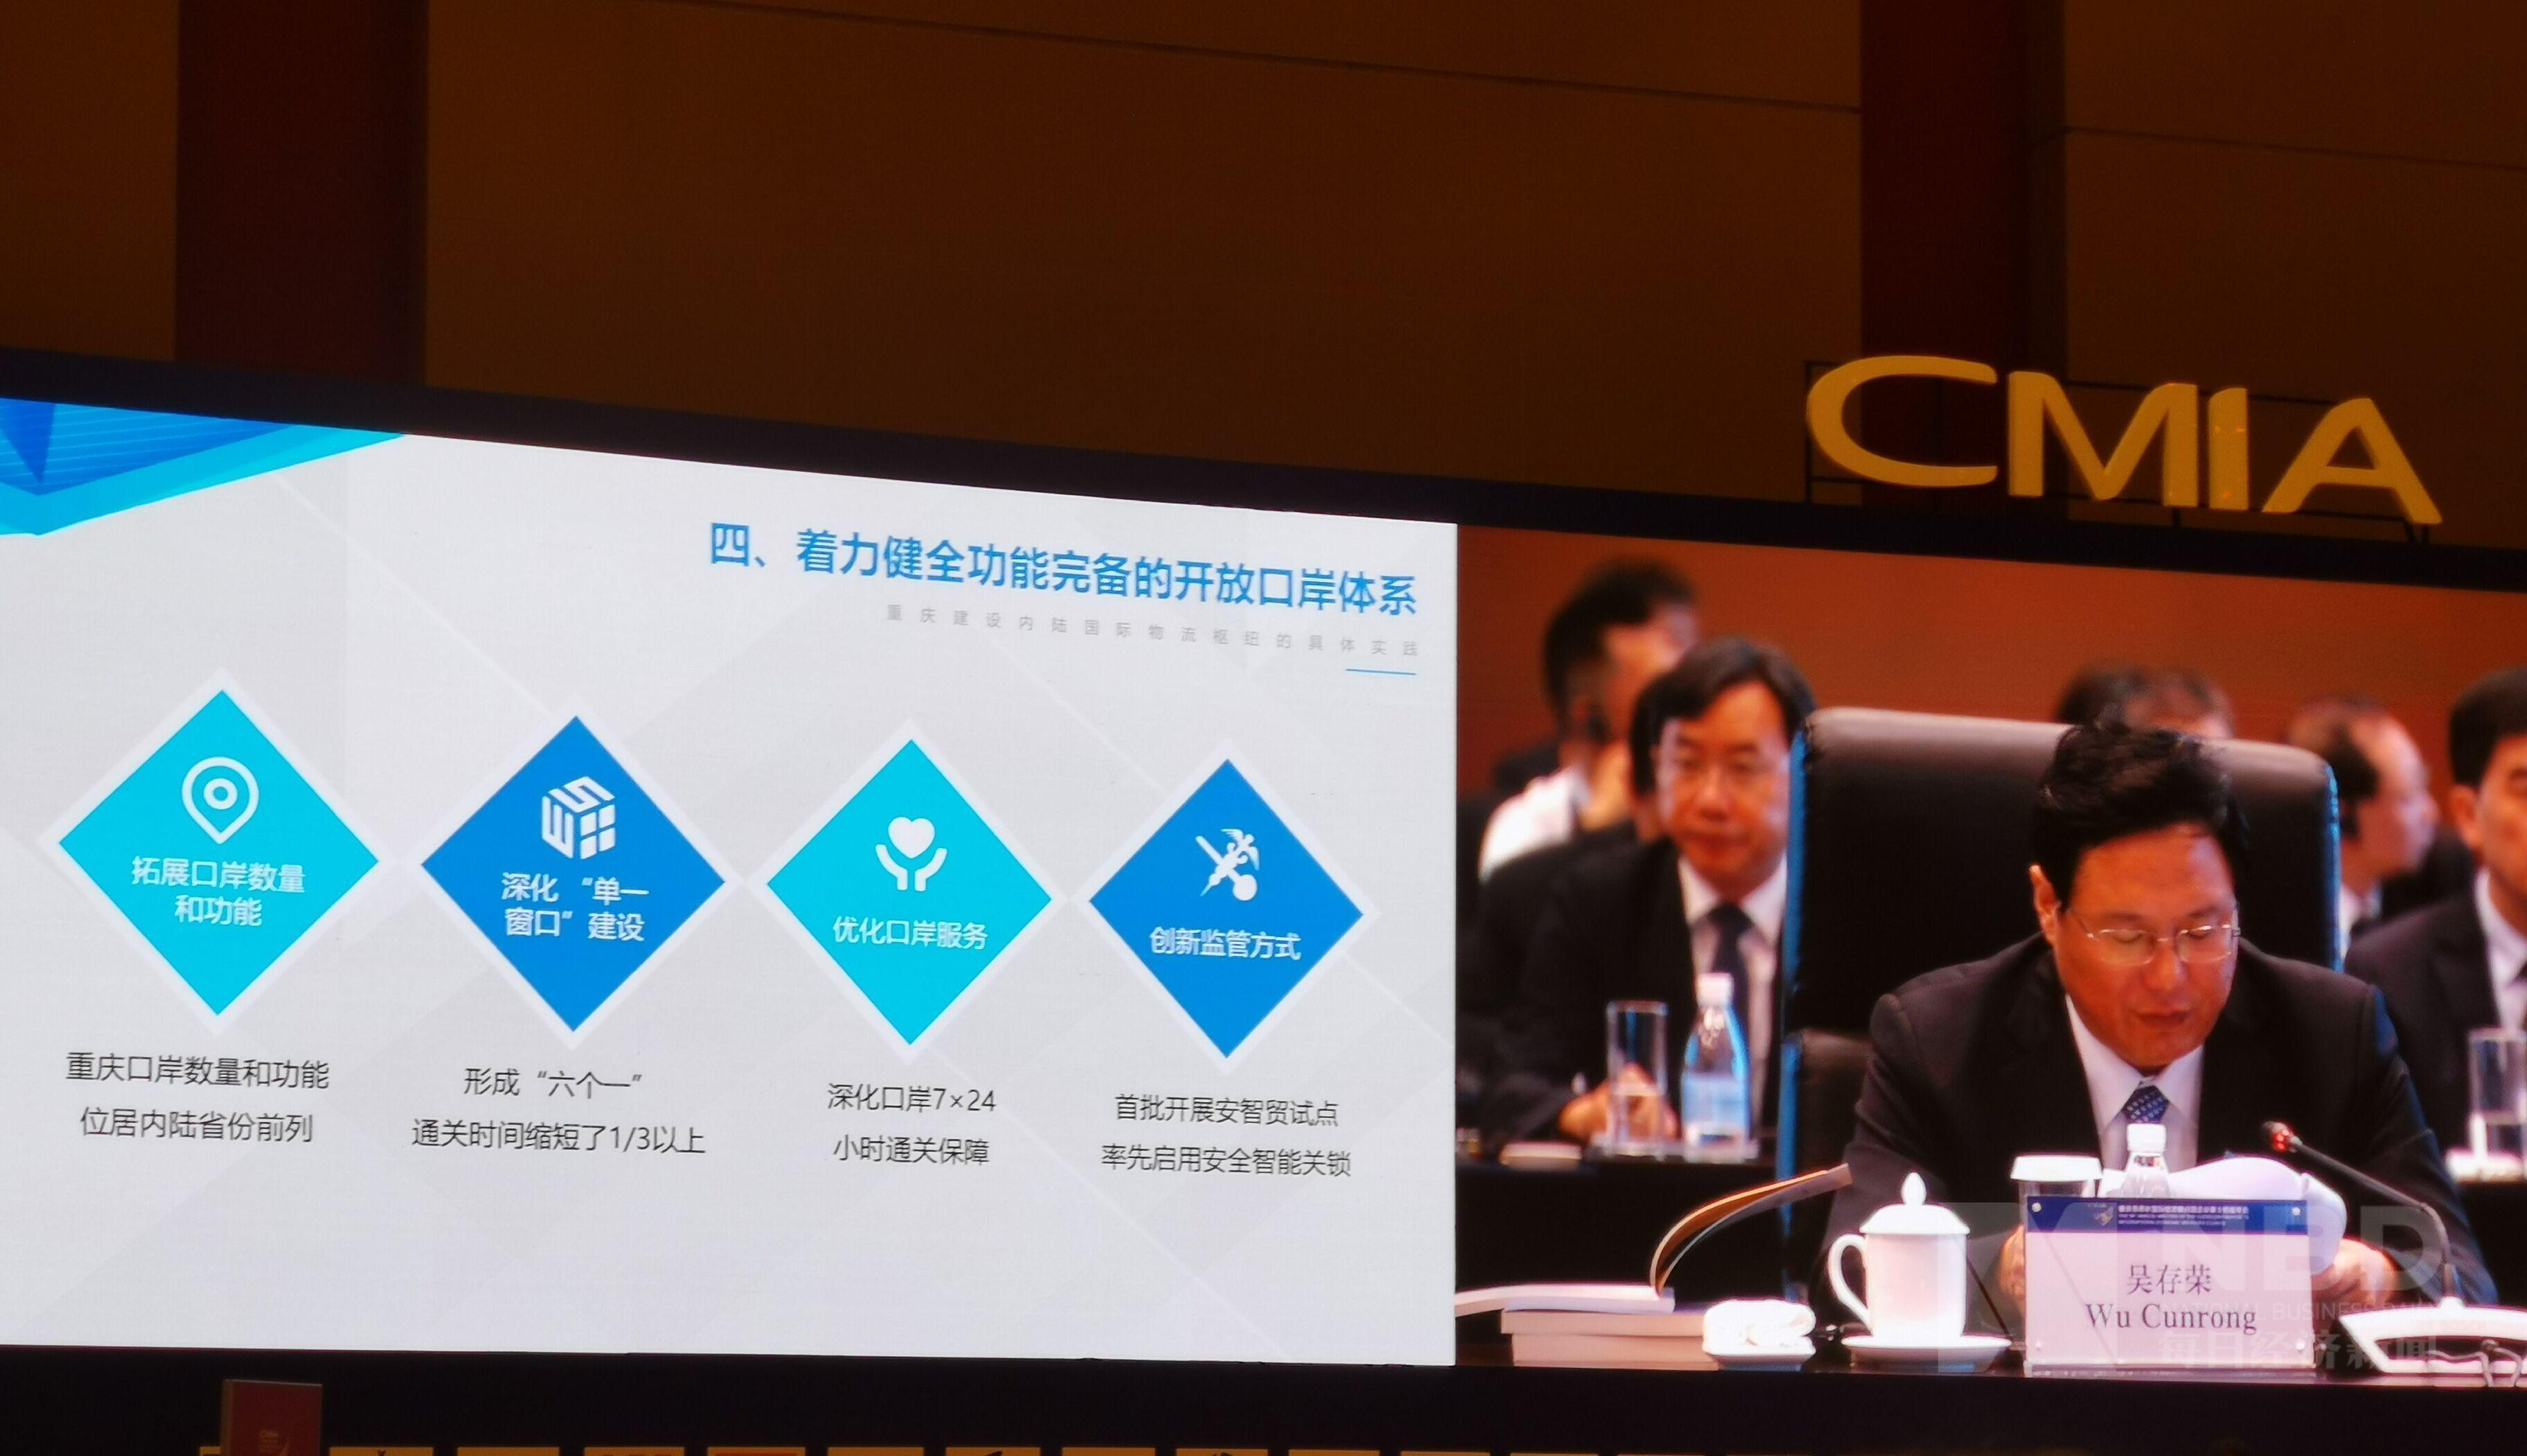 重庆欲打造内陆国际物流枢纽:智慧物流时代,数字化转型成焦点